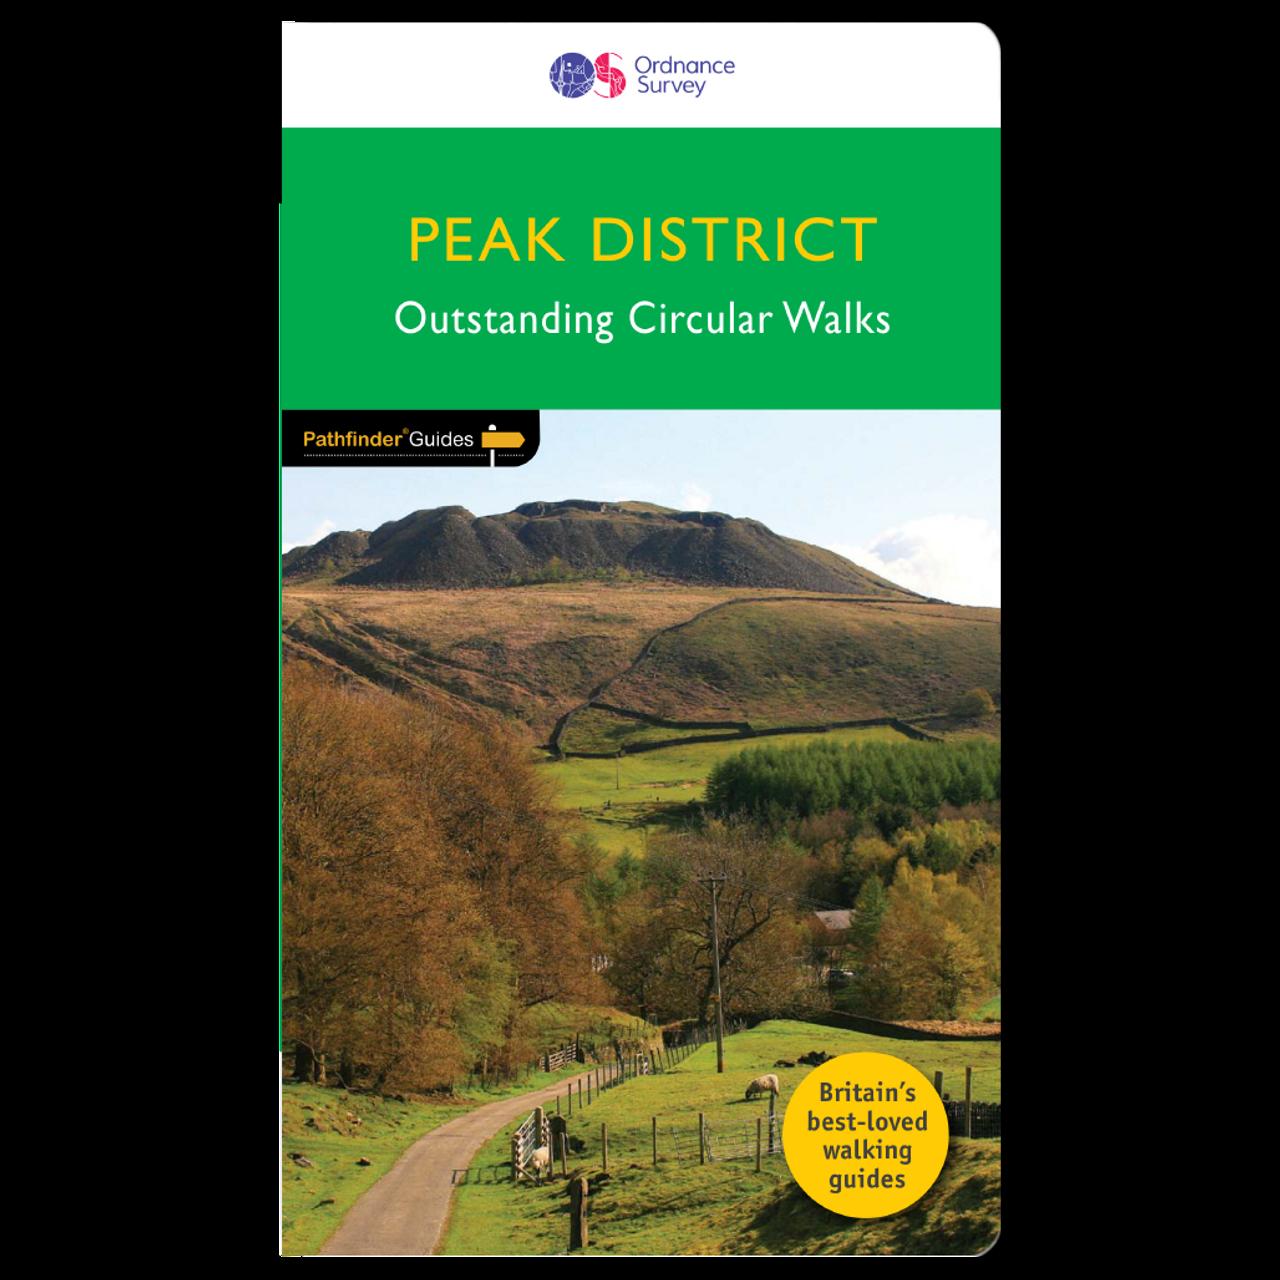 Peak District - Pathfinder Walks Guidebook